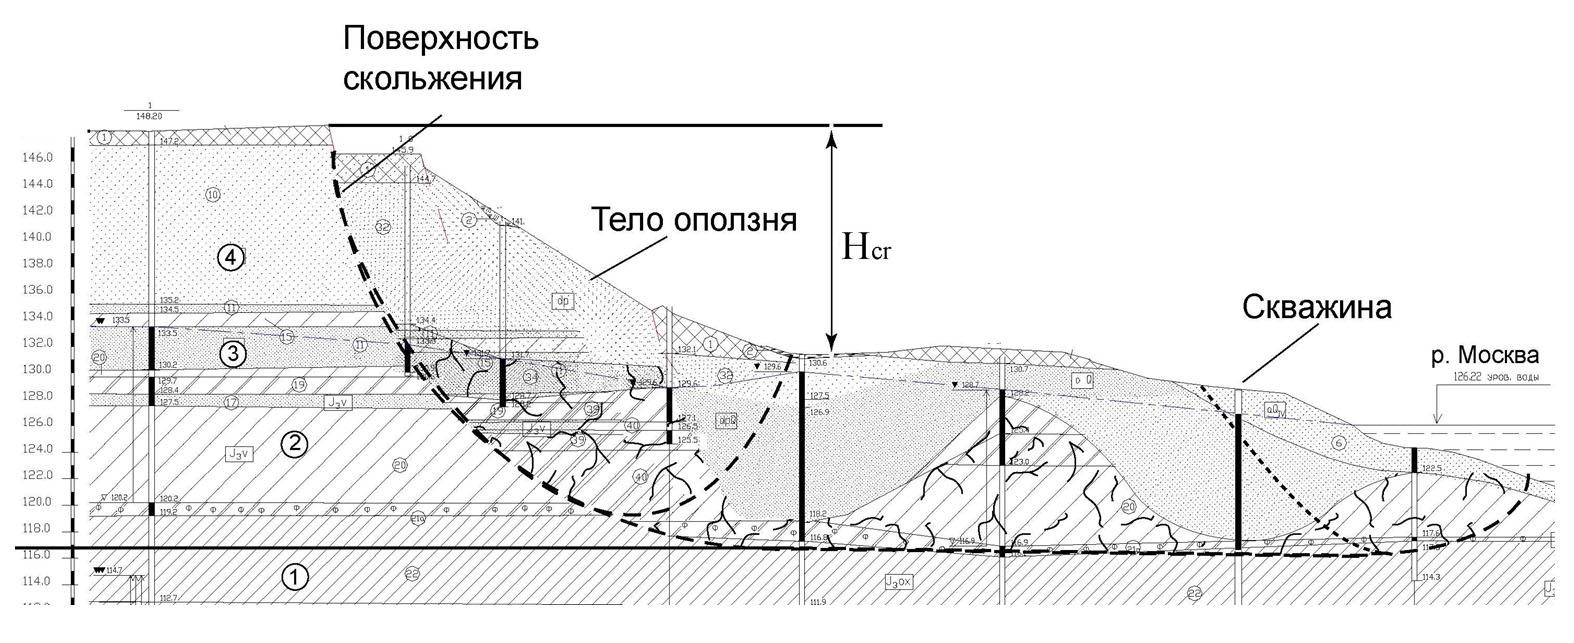 Разрез оползневого склона по центральной части участка активизации деформаций в 2006 – 2007 гг. в Хорошево, г. Москва, Карамышевская набережная